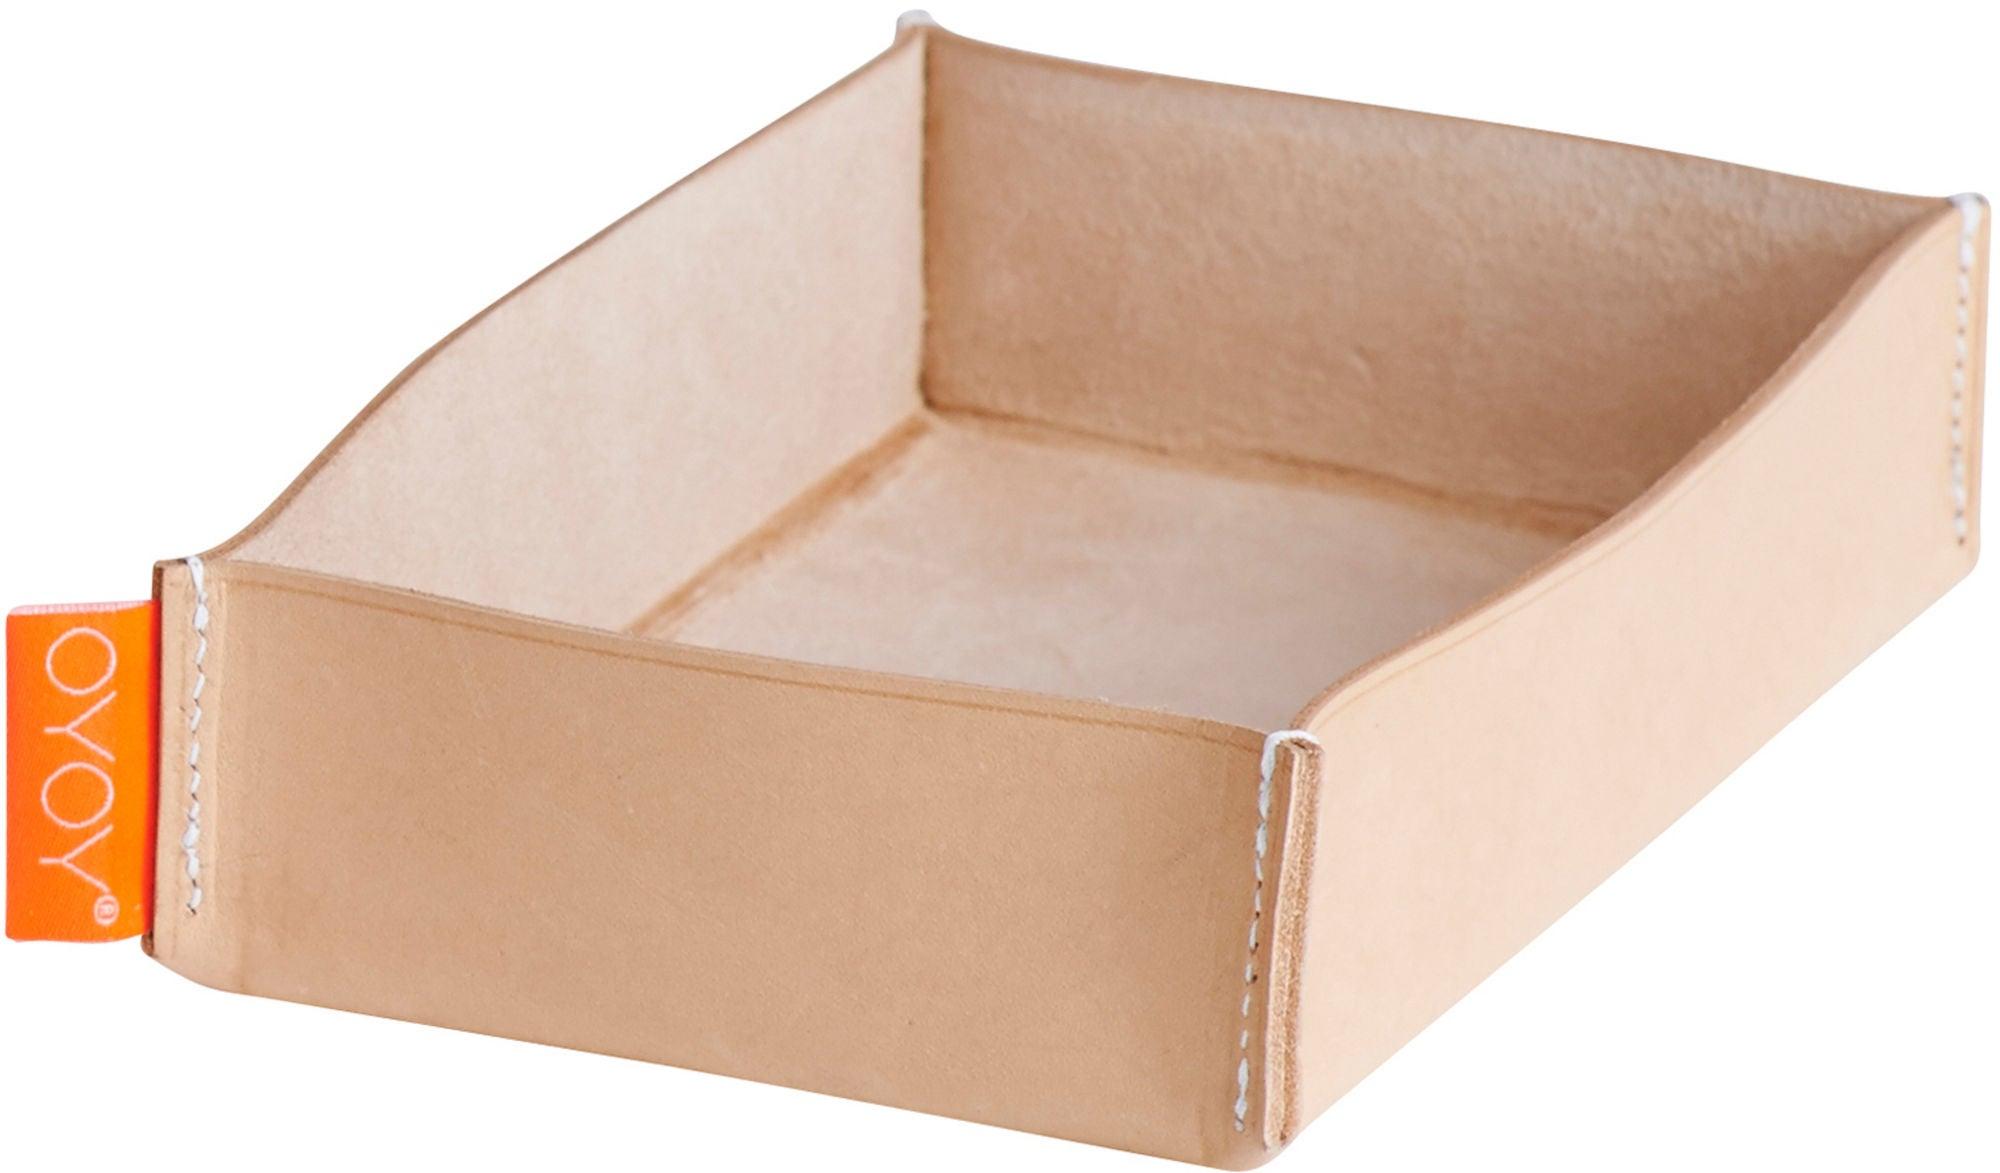 OYOY Pieni Säilytyslaatikko, Vaaleanruskea